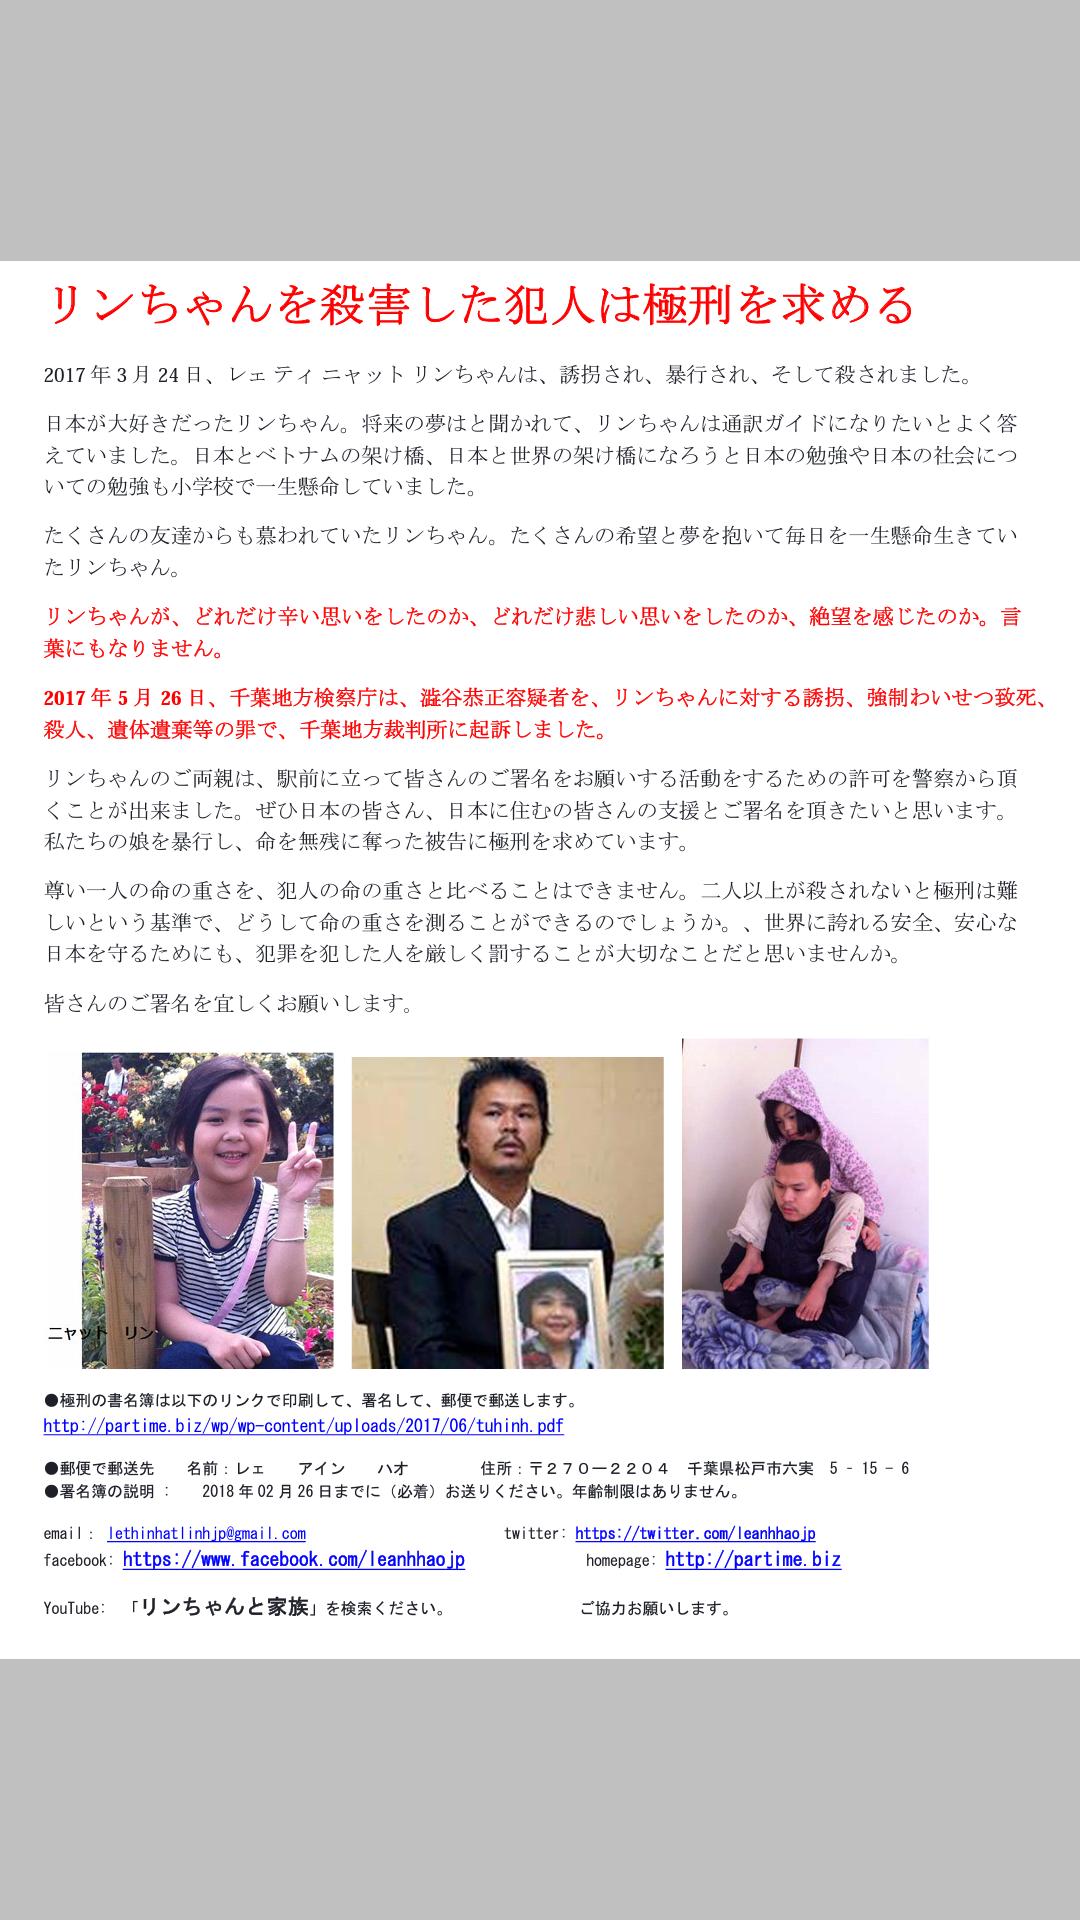 ベトナム人女児遺体遺棄事件からまもなく1年…父親が裁判早期実施と被告の極刑求め署名活動